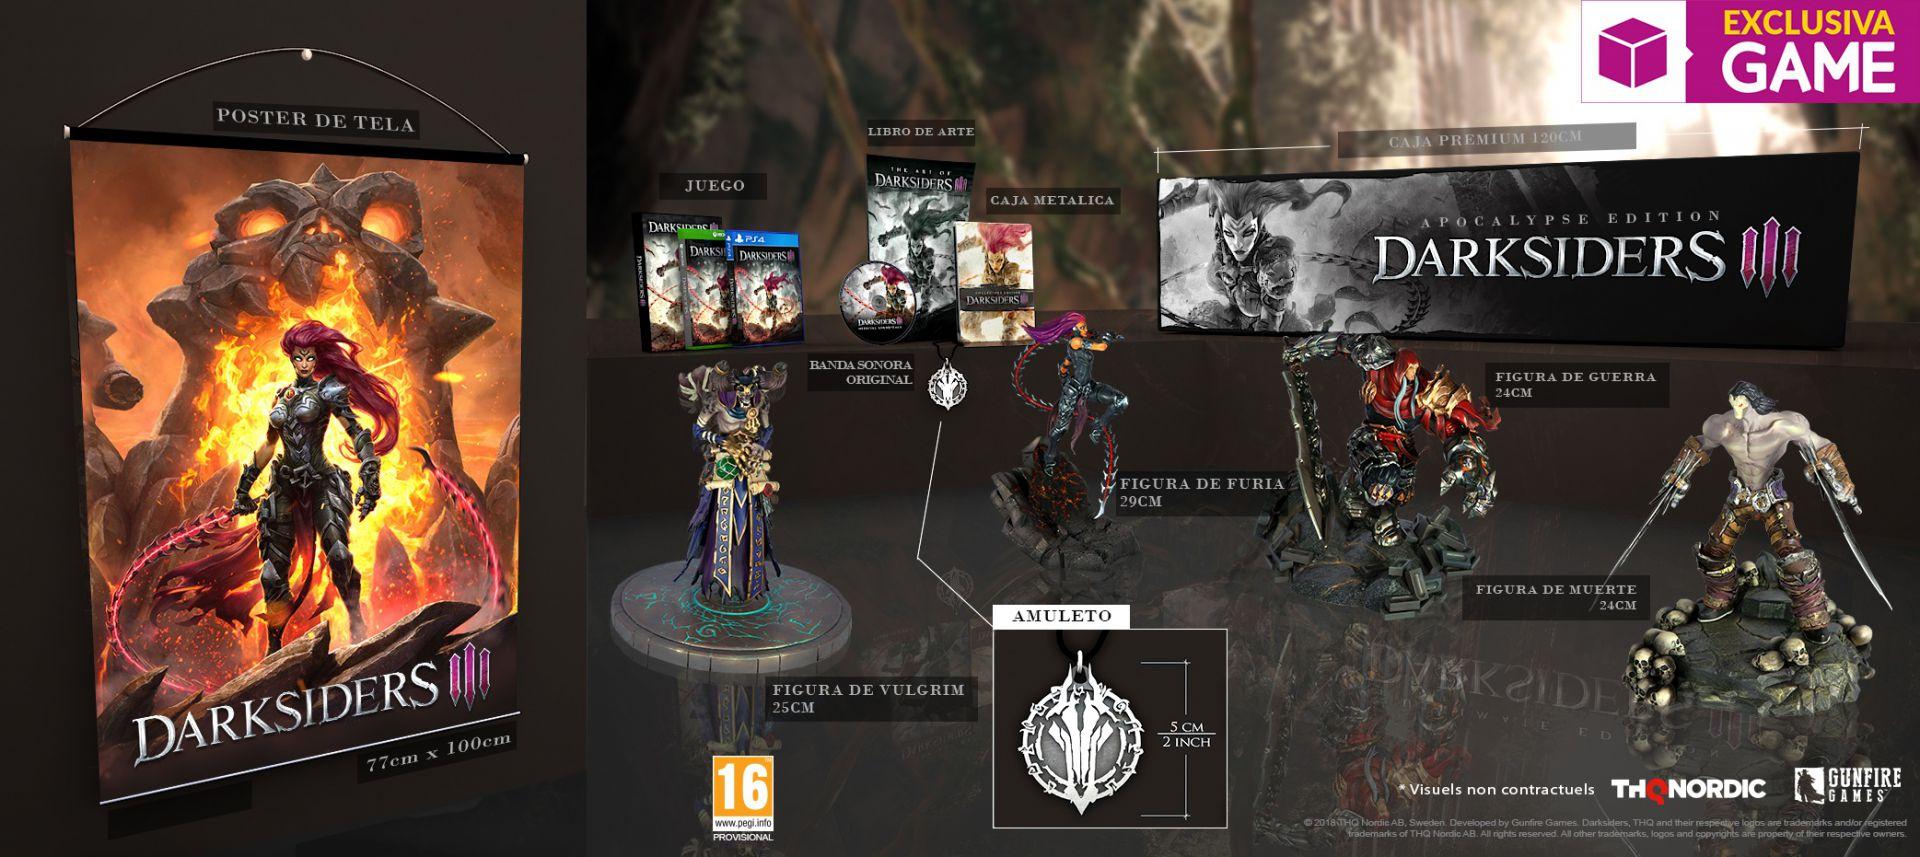 La edición Apocalypse de Darksiders III será exclusiva de GAME